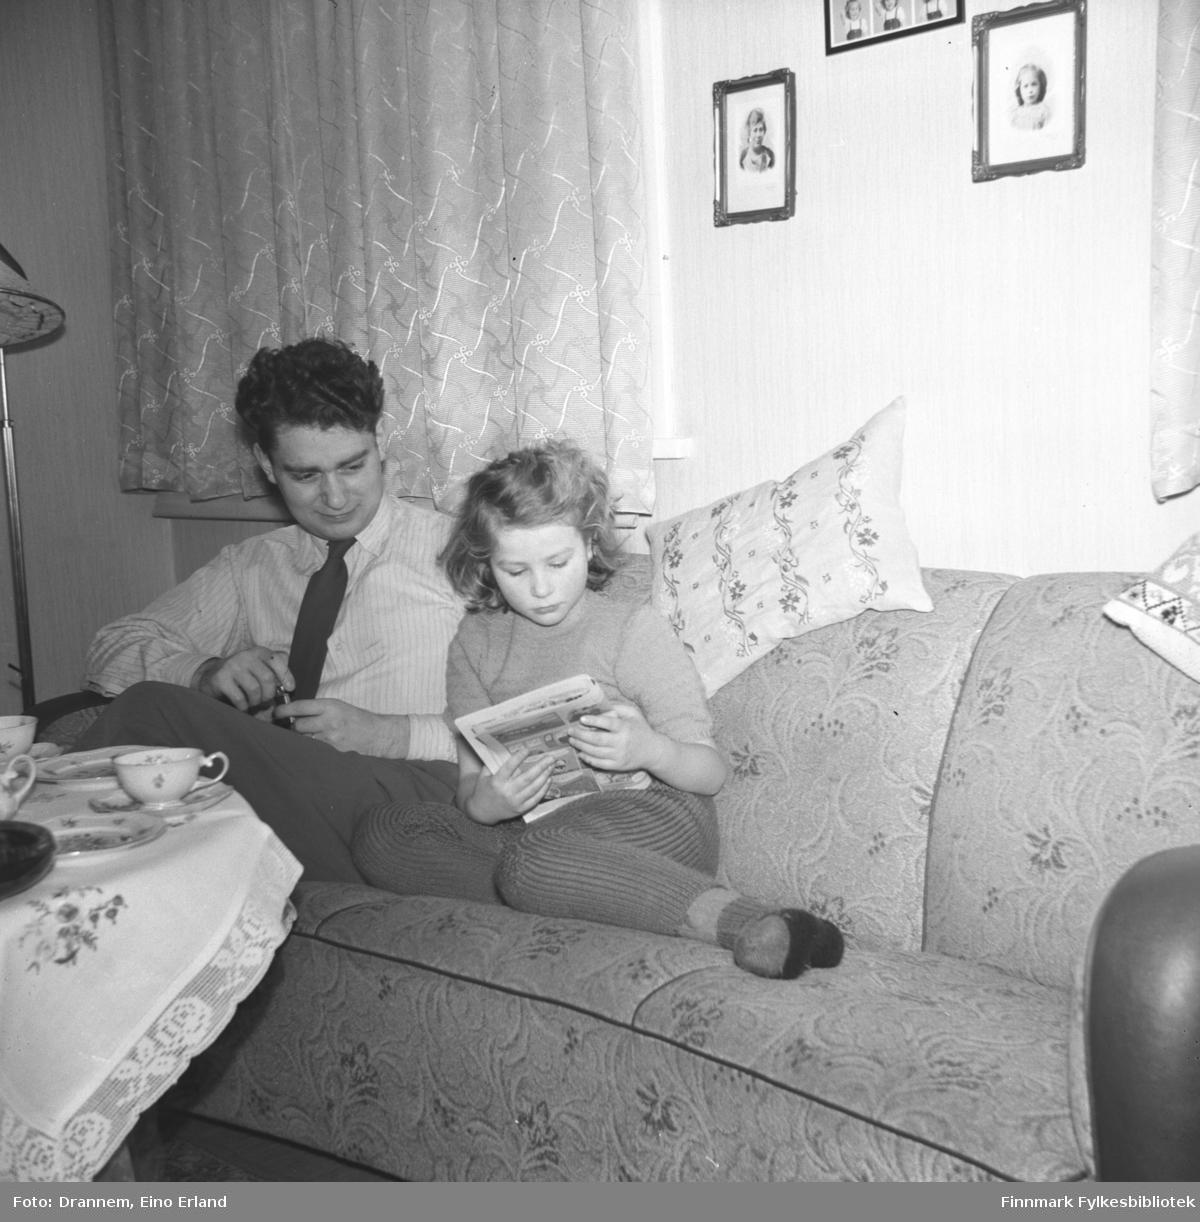 Turid Lillian og Asbjørn Gabrielsen på sofaen ved bordet som er klar for kaffe- og kakeservering. Turid Lillian leser intensivt tegneserien